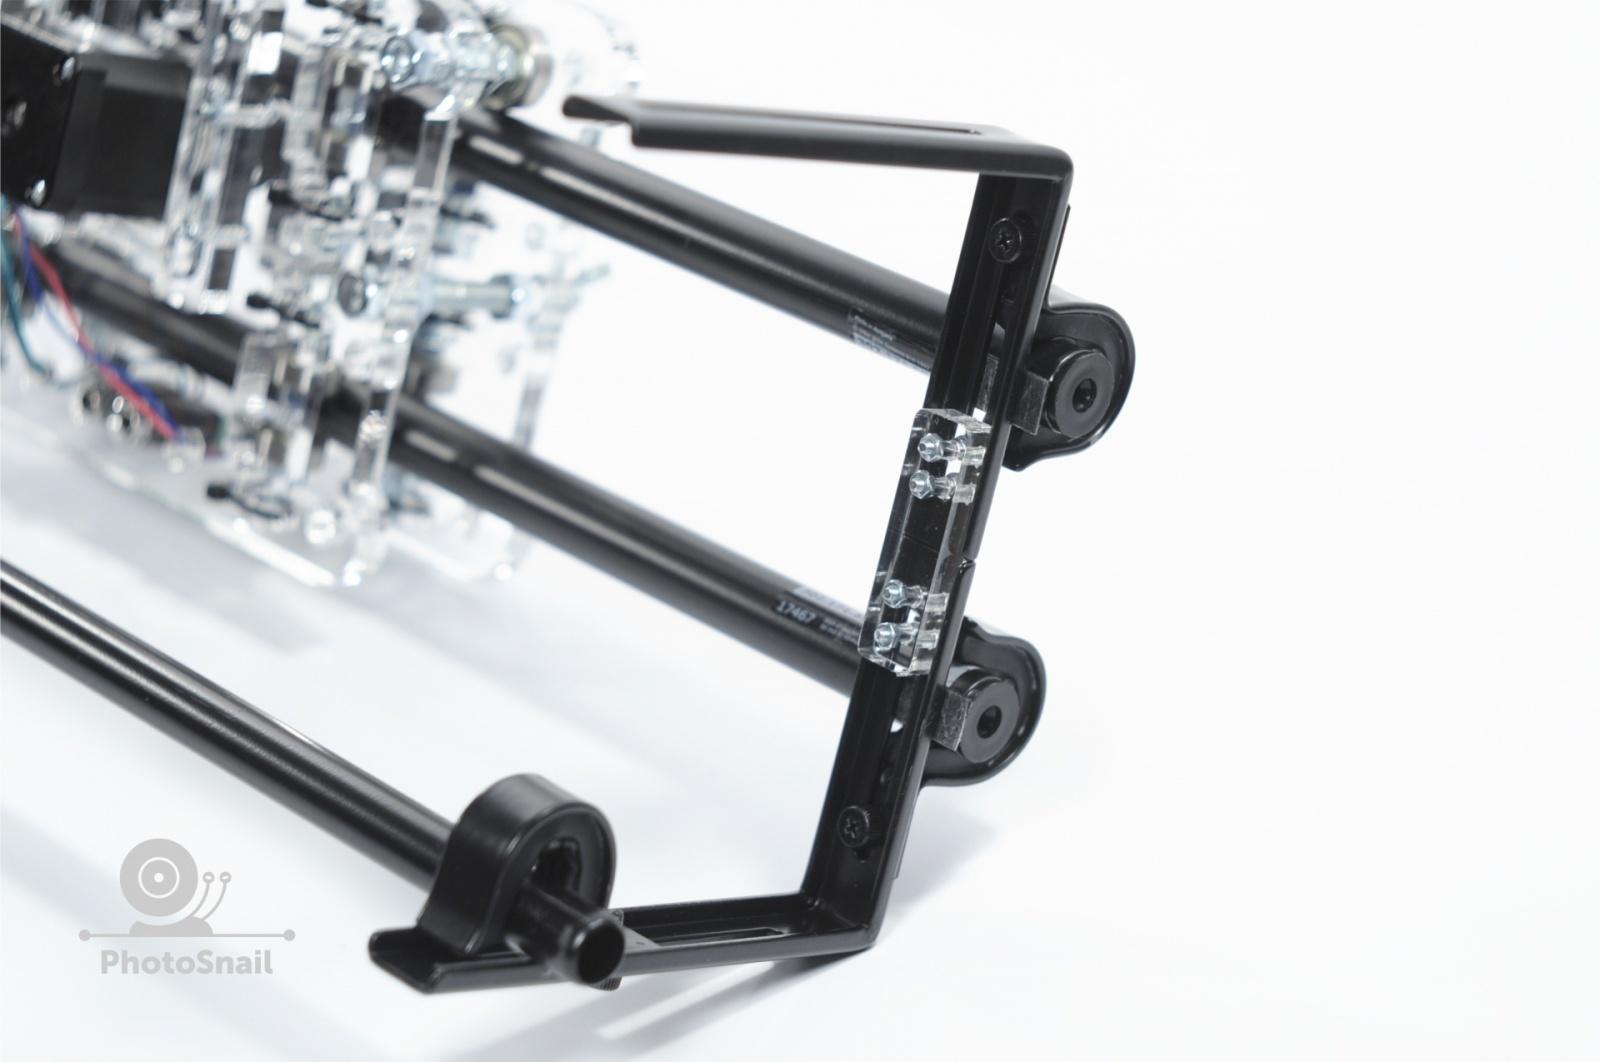 DIY моторизированный слайдер для съемки TimeLapse и видео - 6